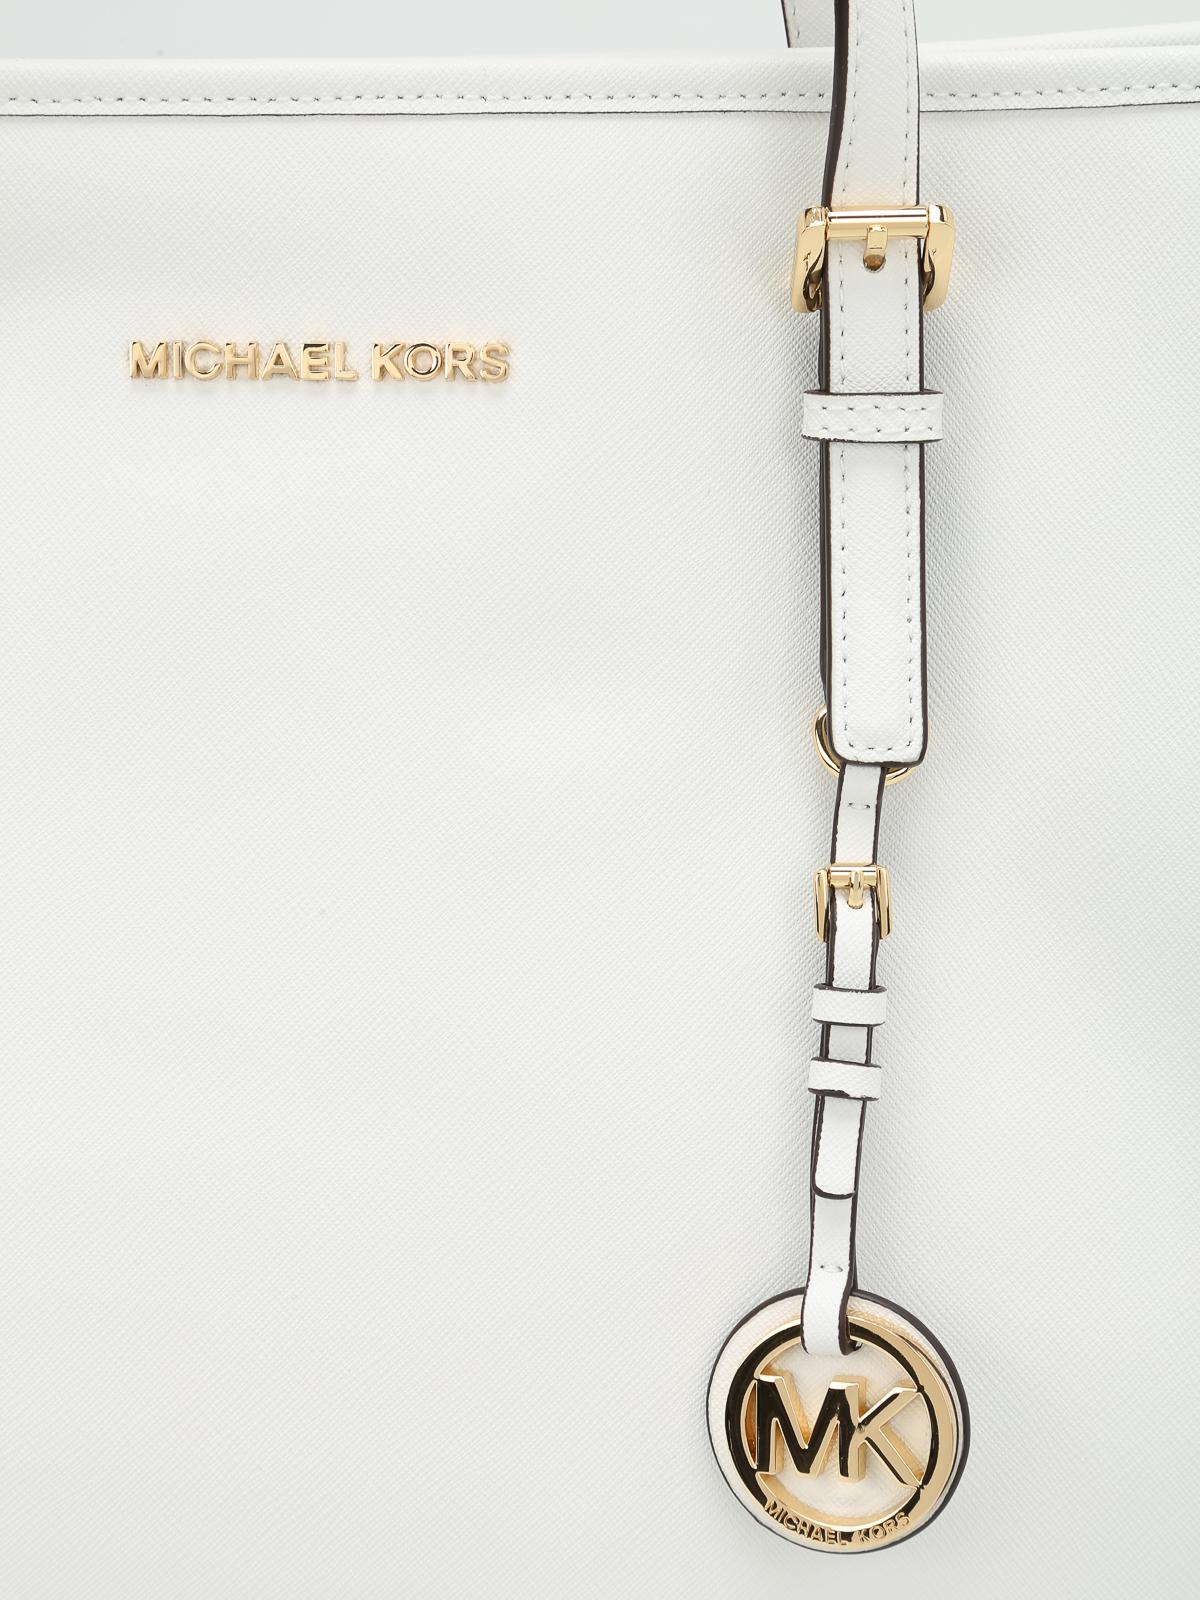 Michael Kors - Borsa Jet Set Travel grande - shopper - 30T5GTVT2L 085 978ed6d6621